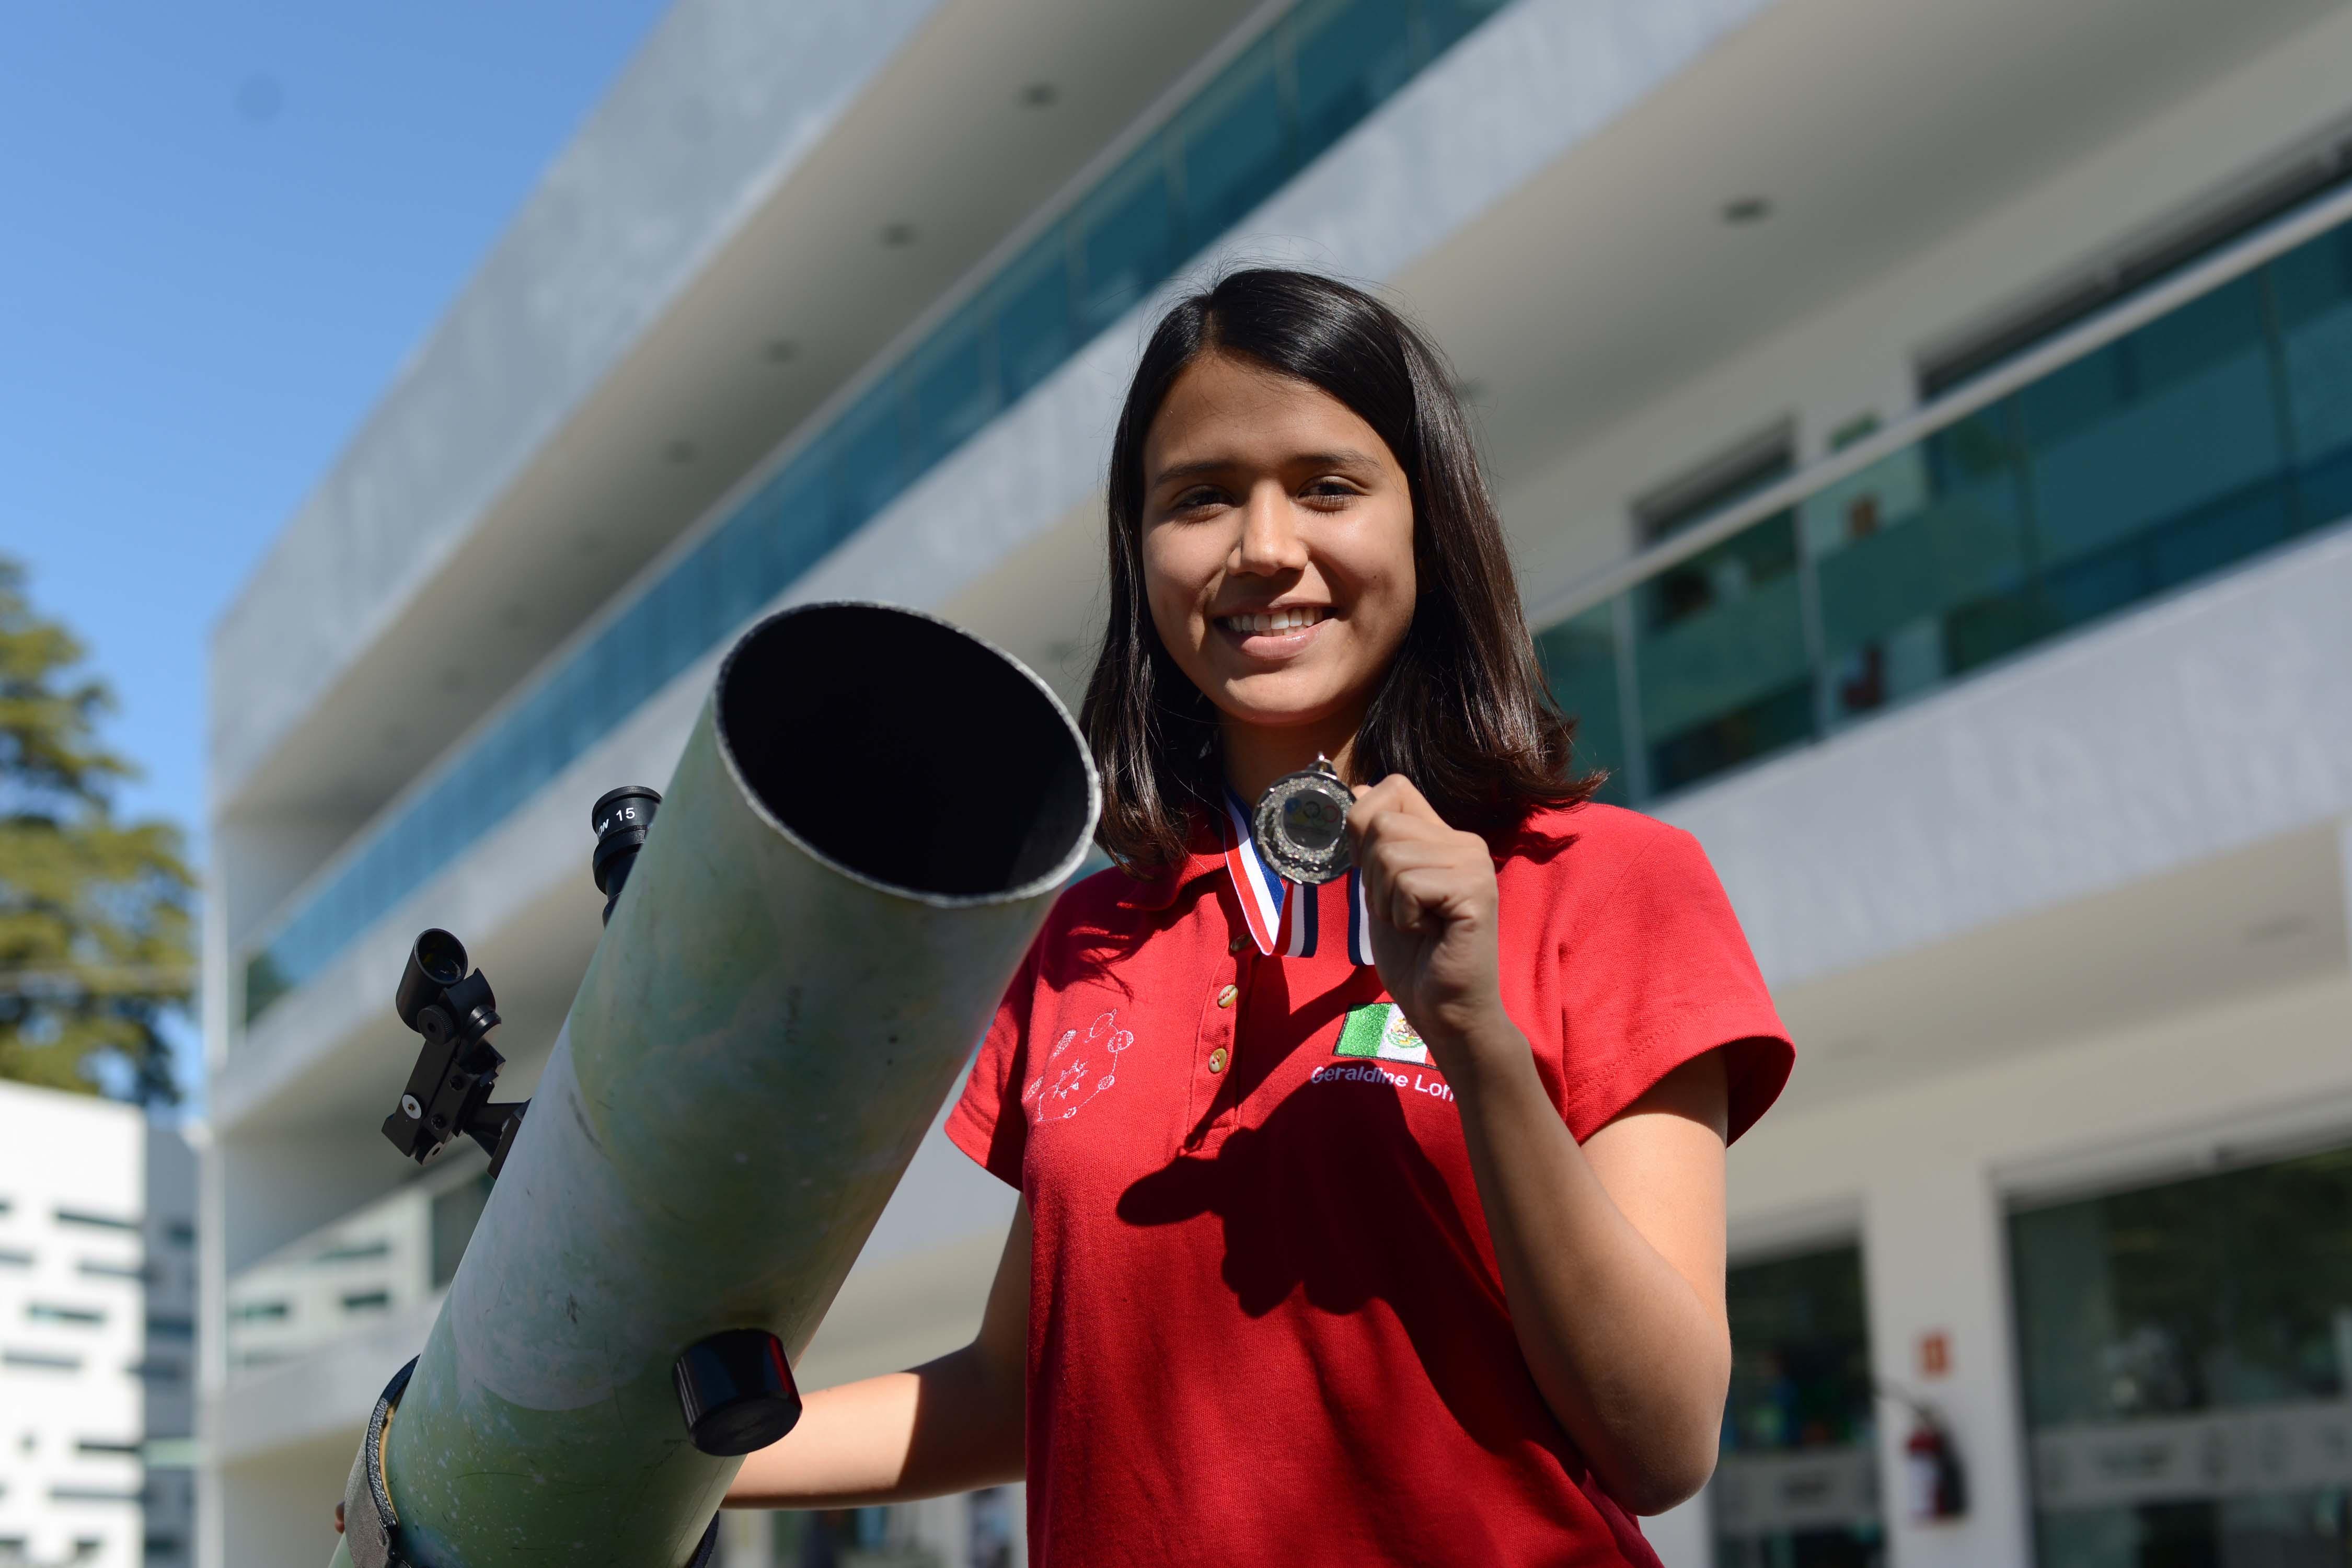 Estudiante BUAP, medalla de plata en Olimpiada de astronomía y astrofísica